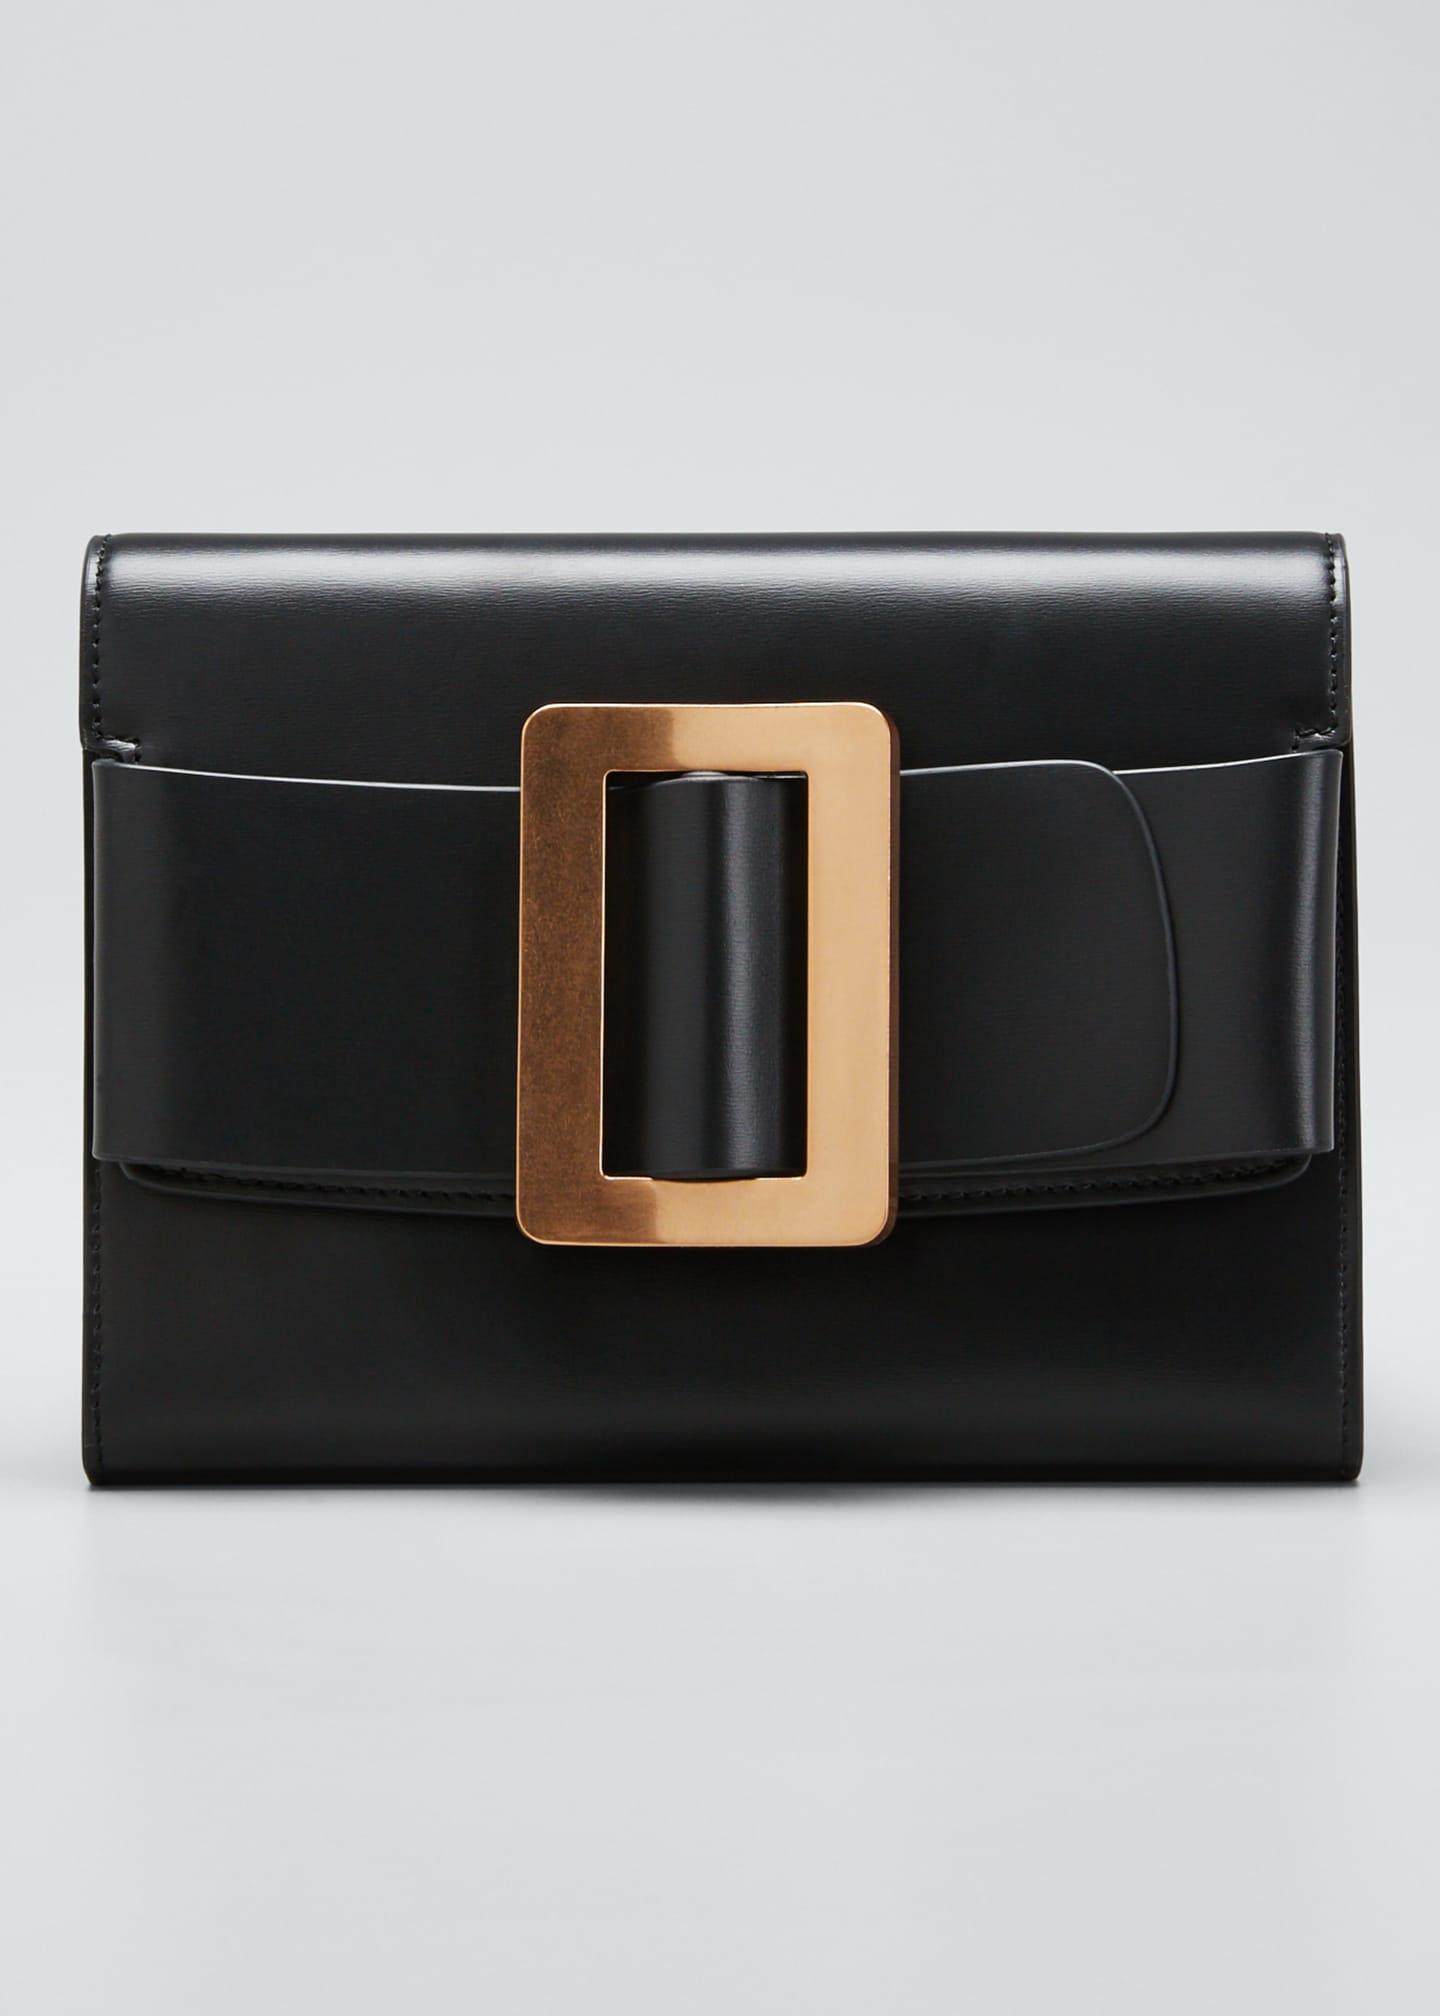 Boyy Leather Buckle Crossbody Clutch Bag